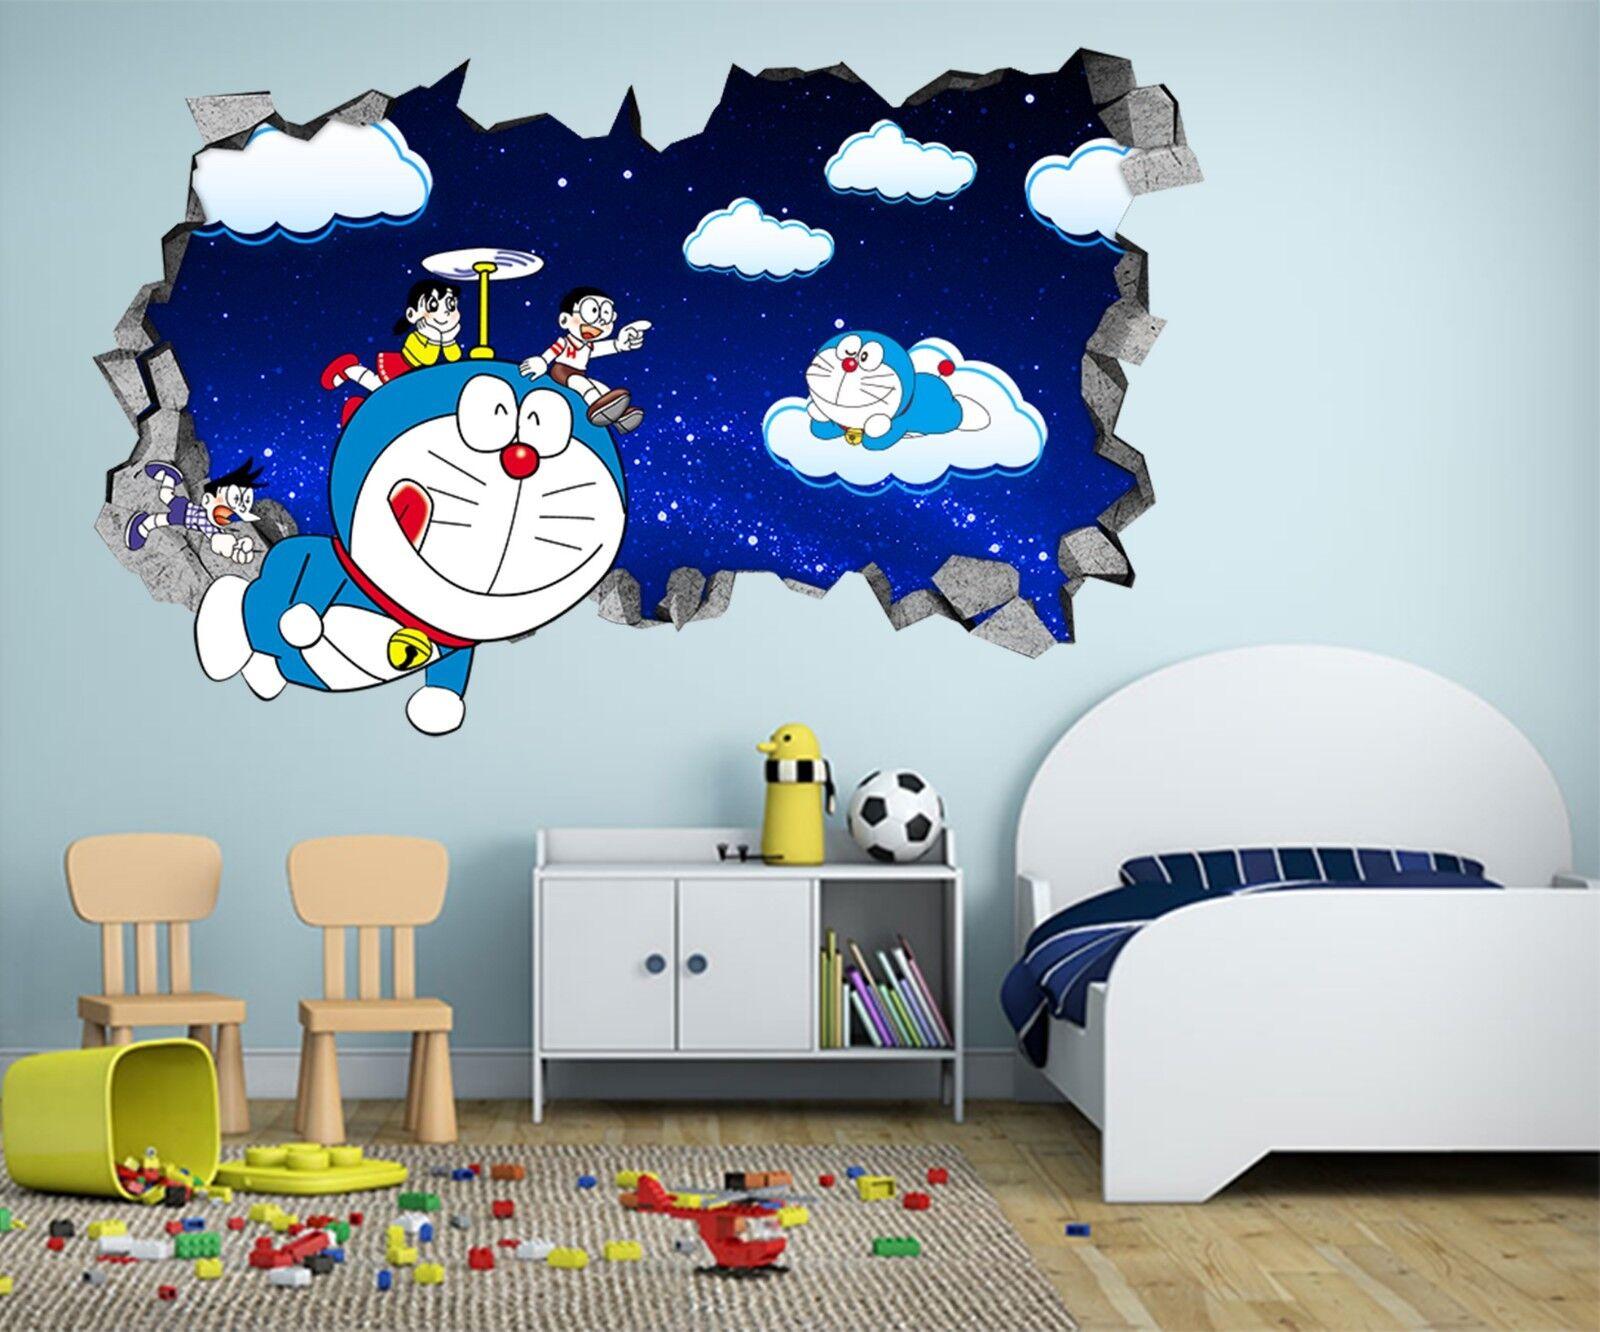 3D Roboter Katze 33 Mauer Murals Mauer Aufklebe Decal Durchbruch AJ WALLPAPER DE